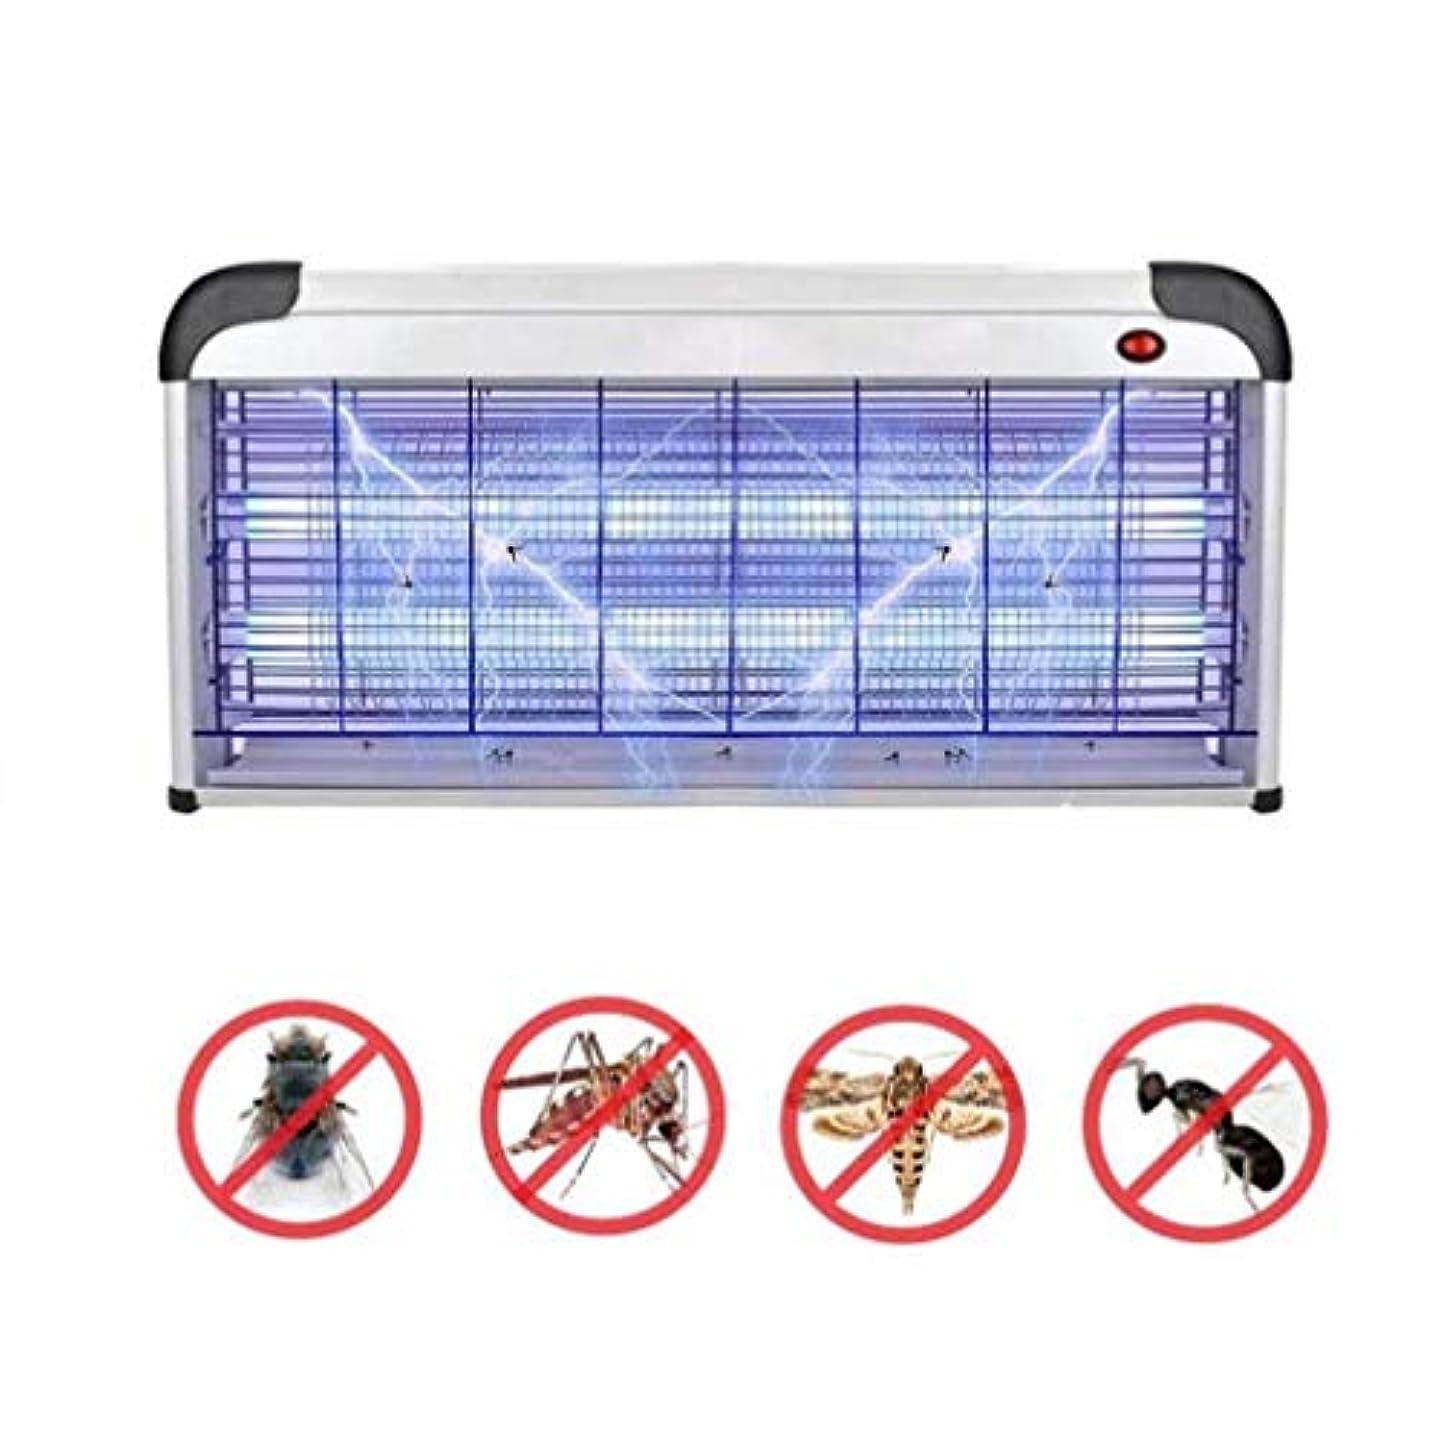 保証金脚本家百万ハエキラーアップグレード40ワット電子バグザッパー蚊、ハエ、蛾、ハチ、カブトムシその他の害虫キラー屋内 (色 : 30W)